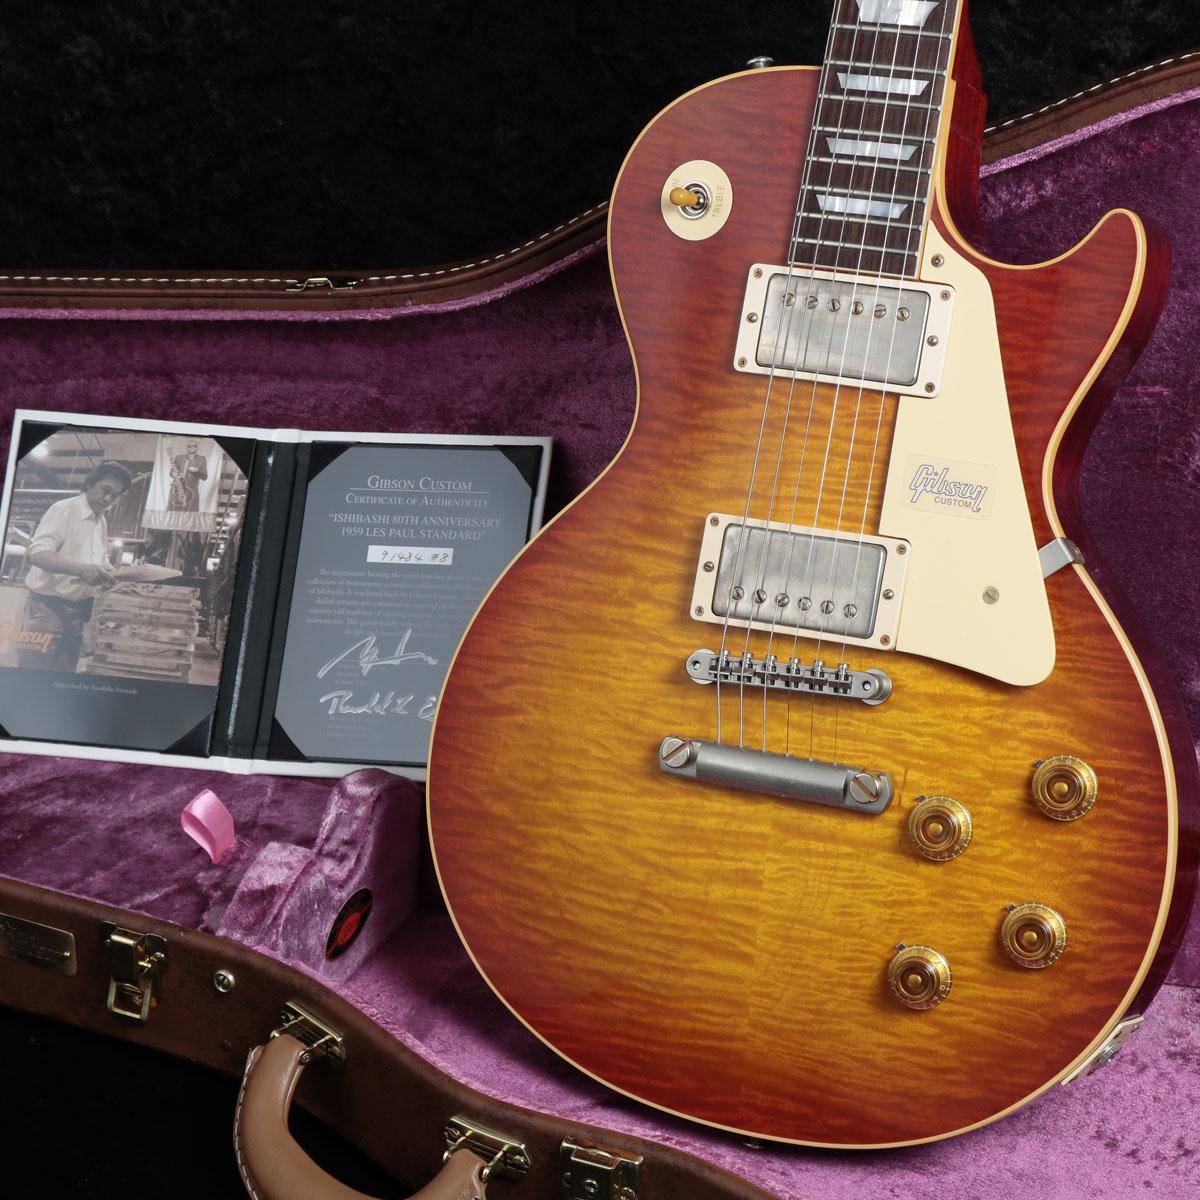 珍しい Gibson Custom Shop/ Shop 石橋楽器店80周年 Standard 1959 Les/ Paul Standard Yasuhiko Iwanade Hand Selected Believer Burst/#8 ギブソン【S/N 9 1484#8】【御茶ノ水FINEST_GUITARS】, American Street Style:87b9f3bf --- totem-info.com